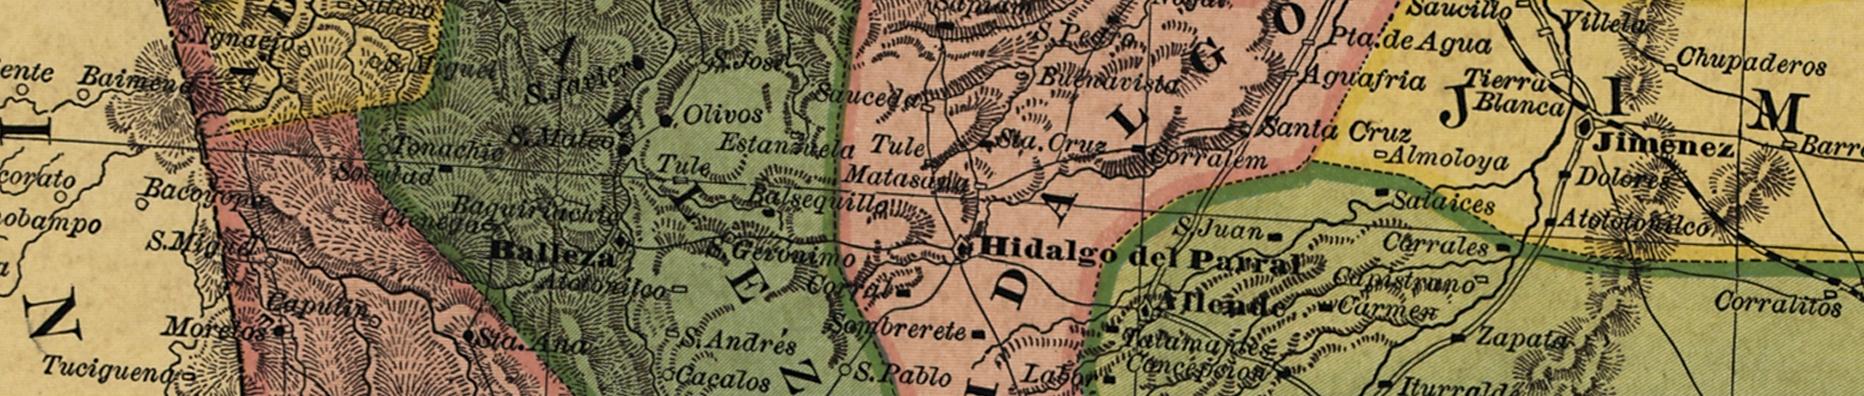 mexico1889.obsidianportal.com